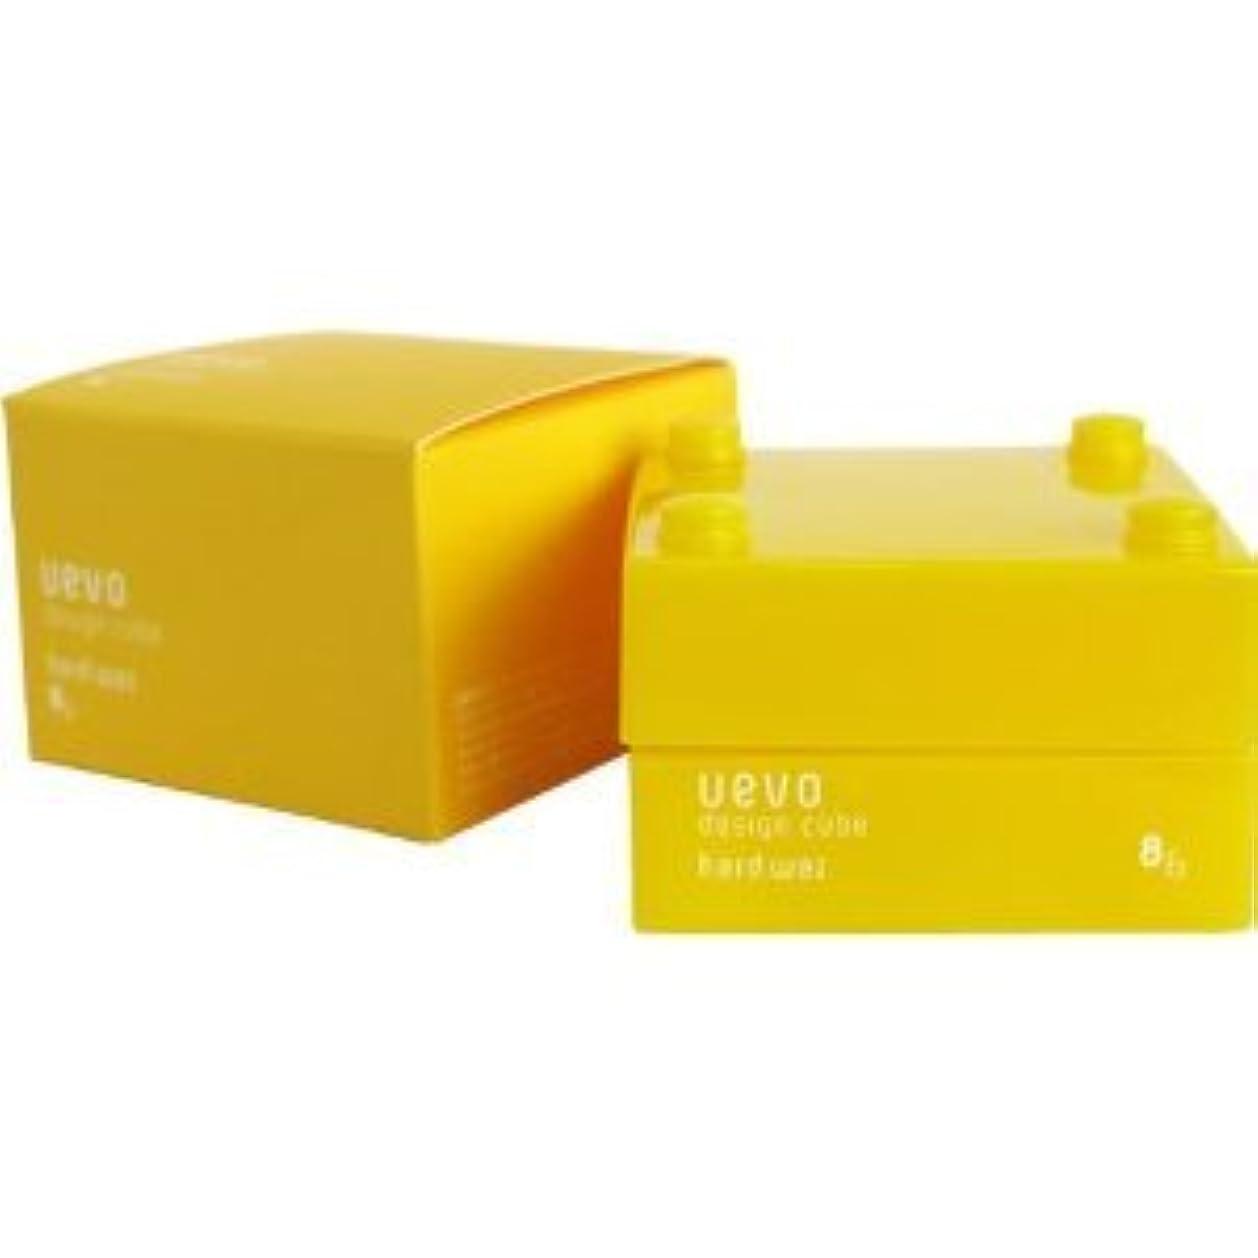 ミュウミュウシンプトン中間【X2個セット】 デミ ウェーボ デザインキューブ ハードワックス 30g hard wax DEMI uevo design cube